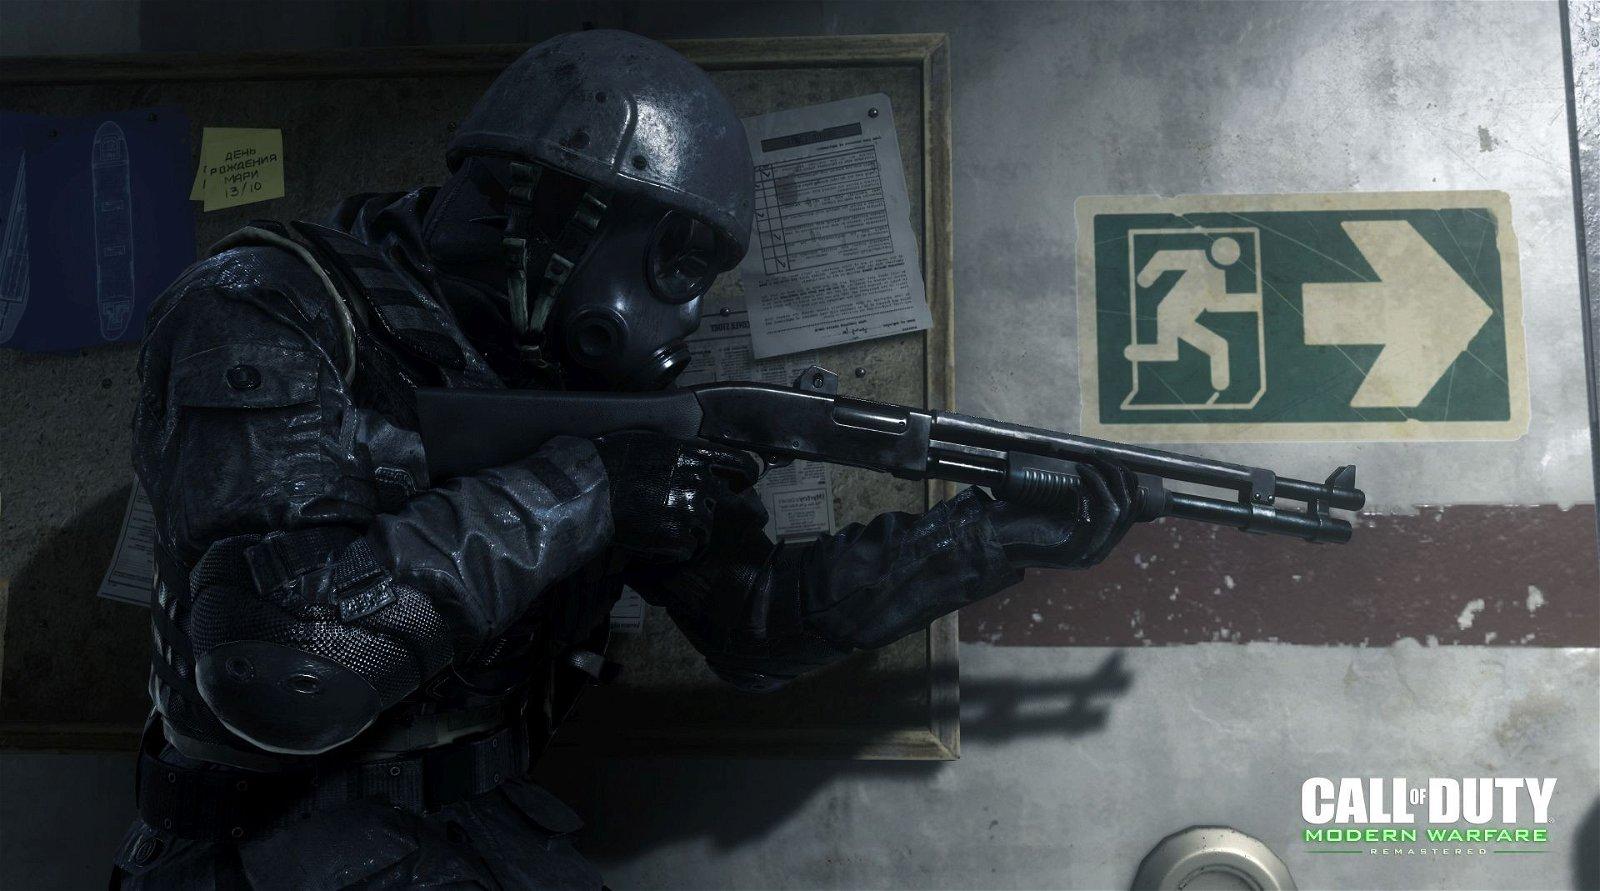 La remasterización de Call of Duty 4 se muestra en un nuevo gameplay